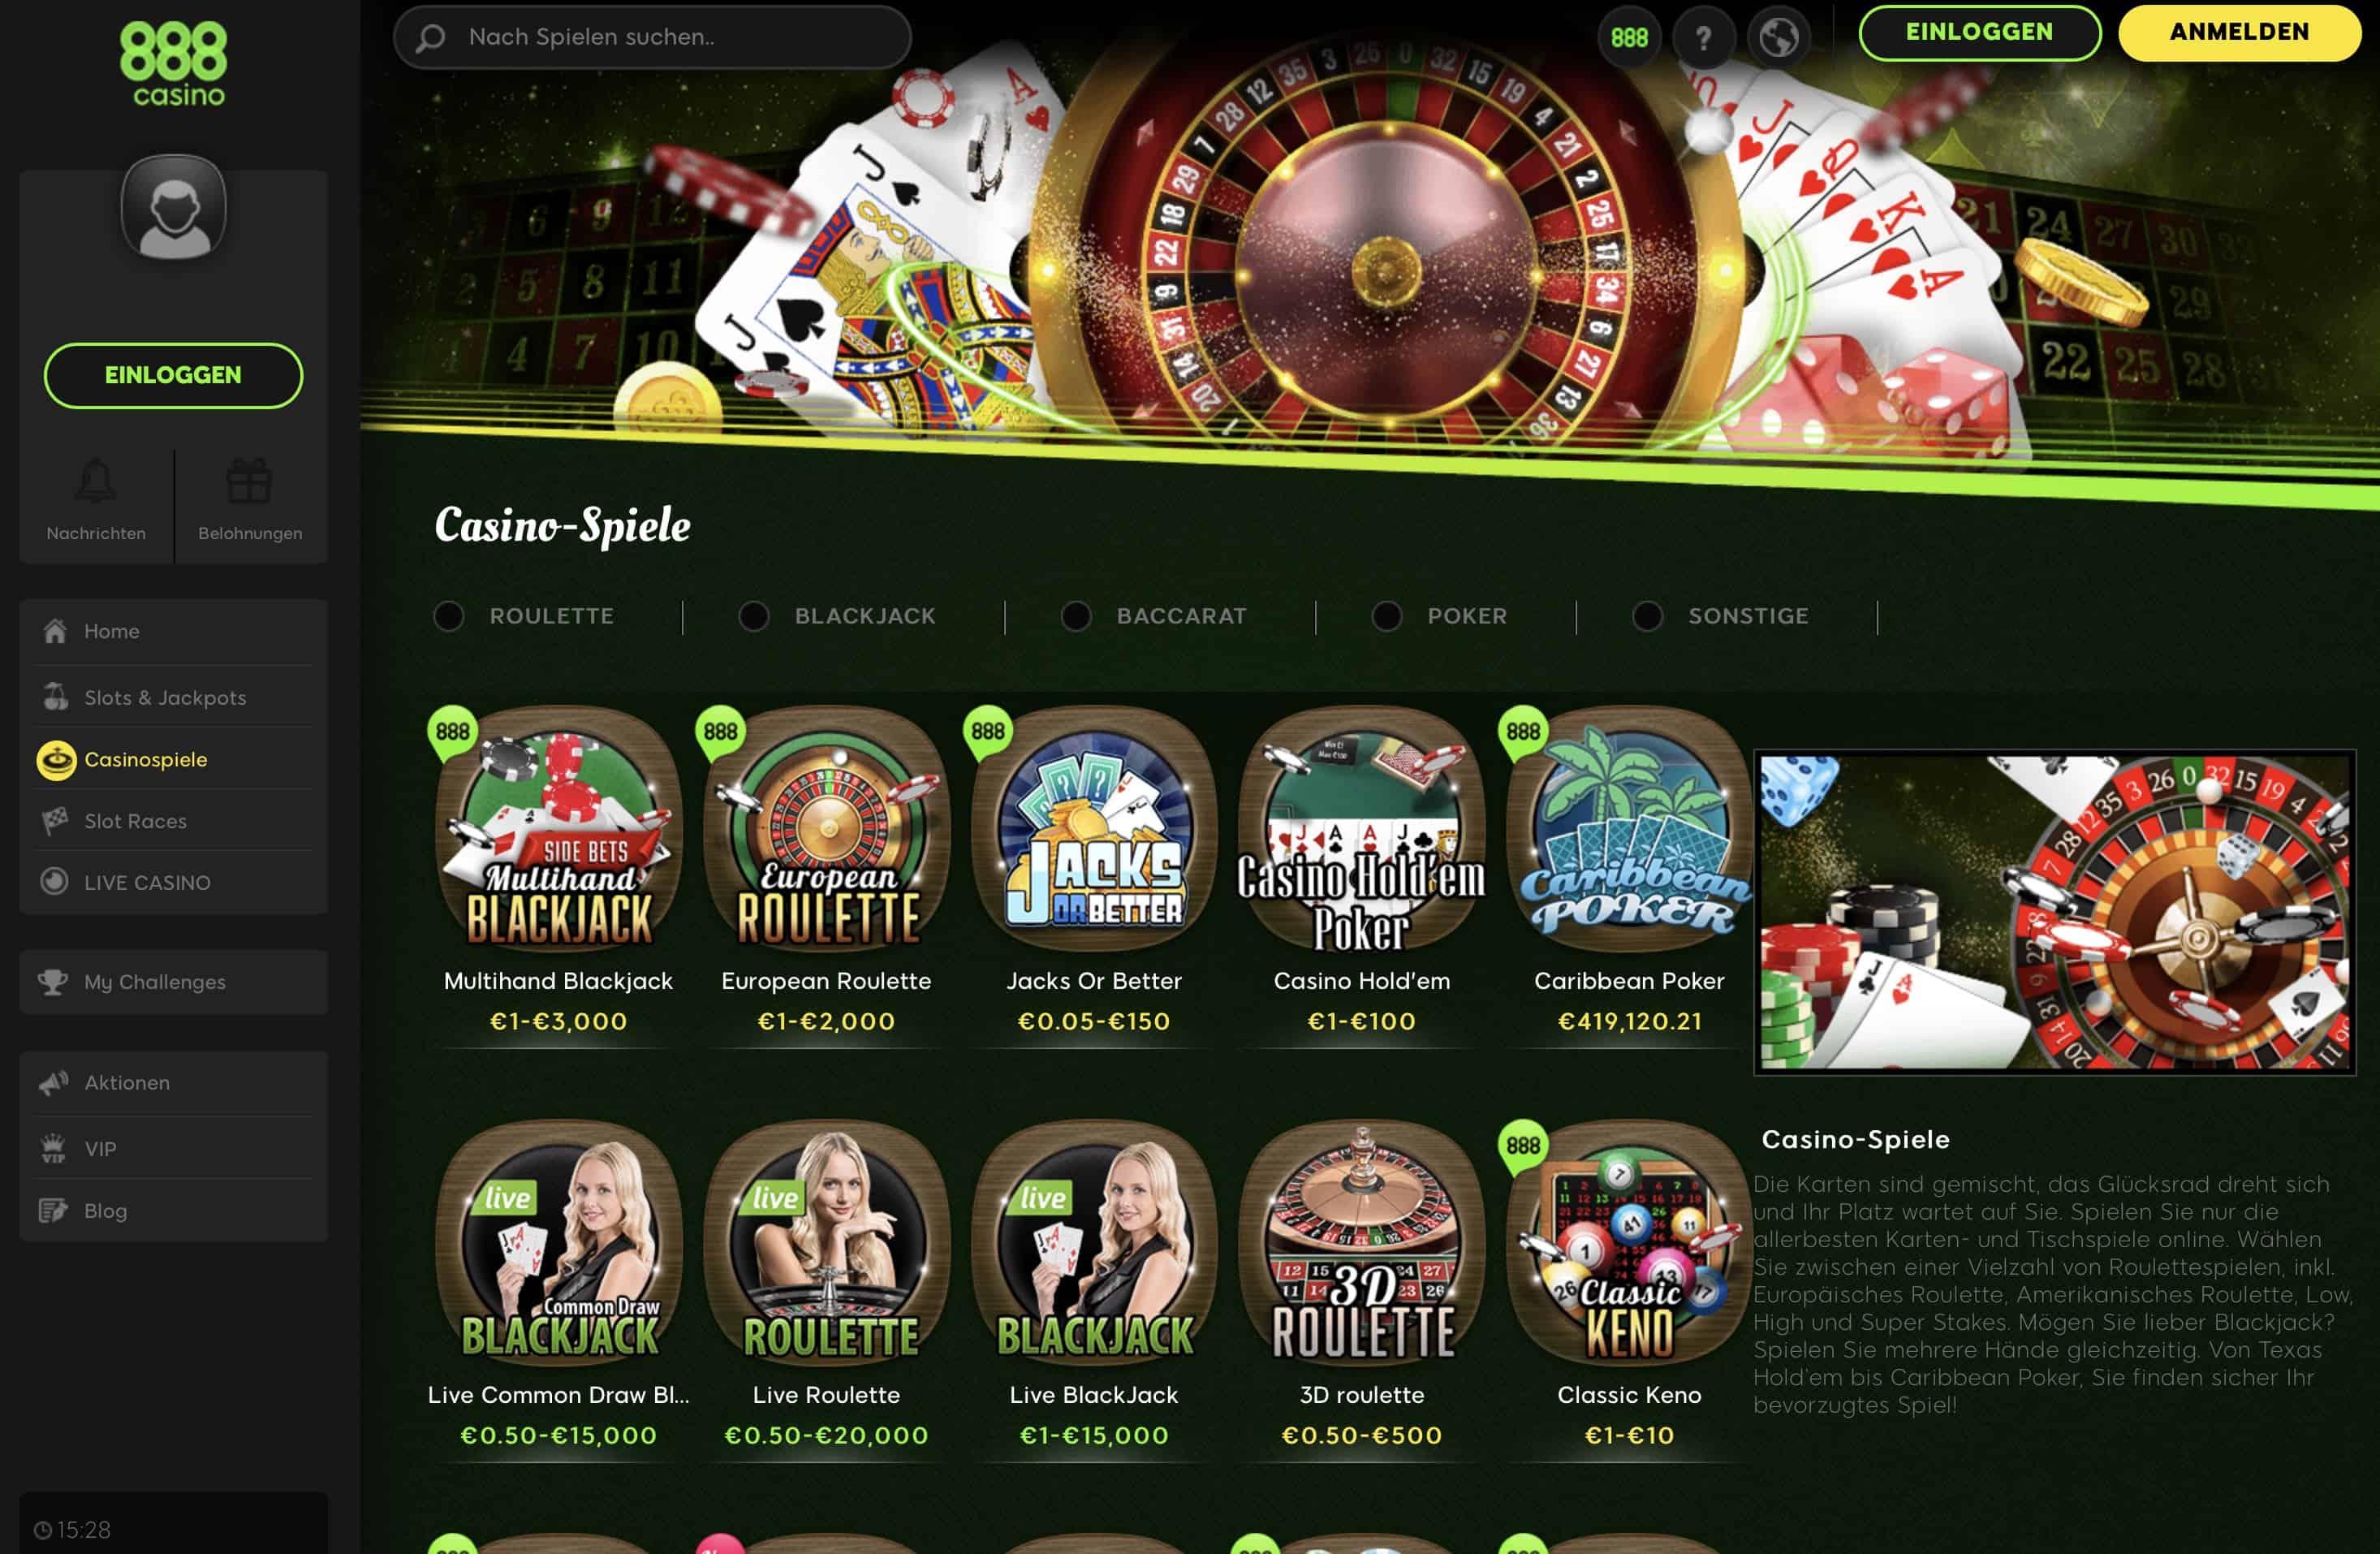 Casino Erfahrungen deutsche 800903